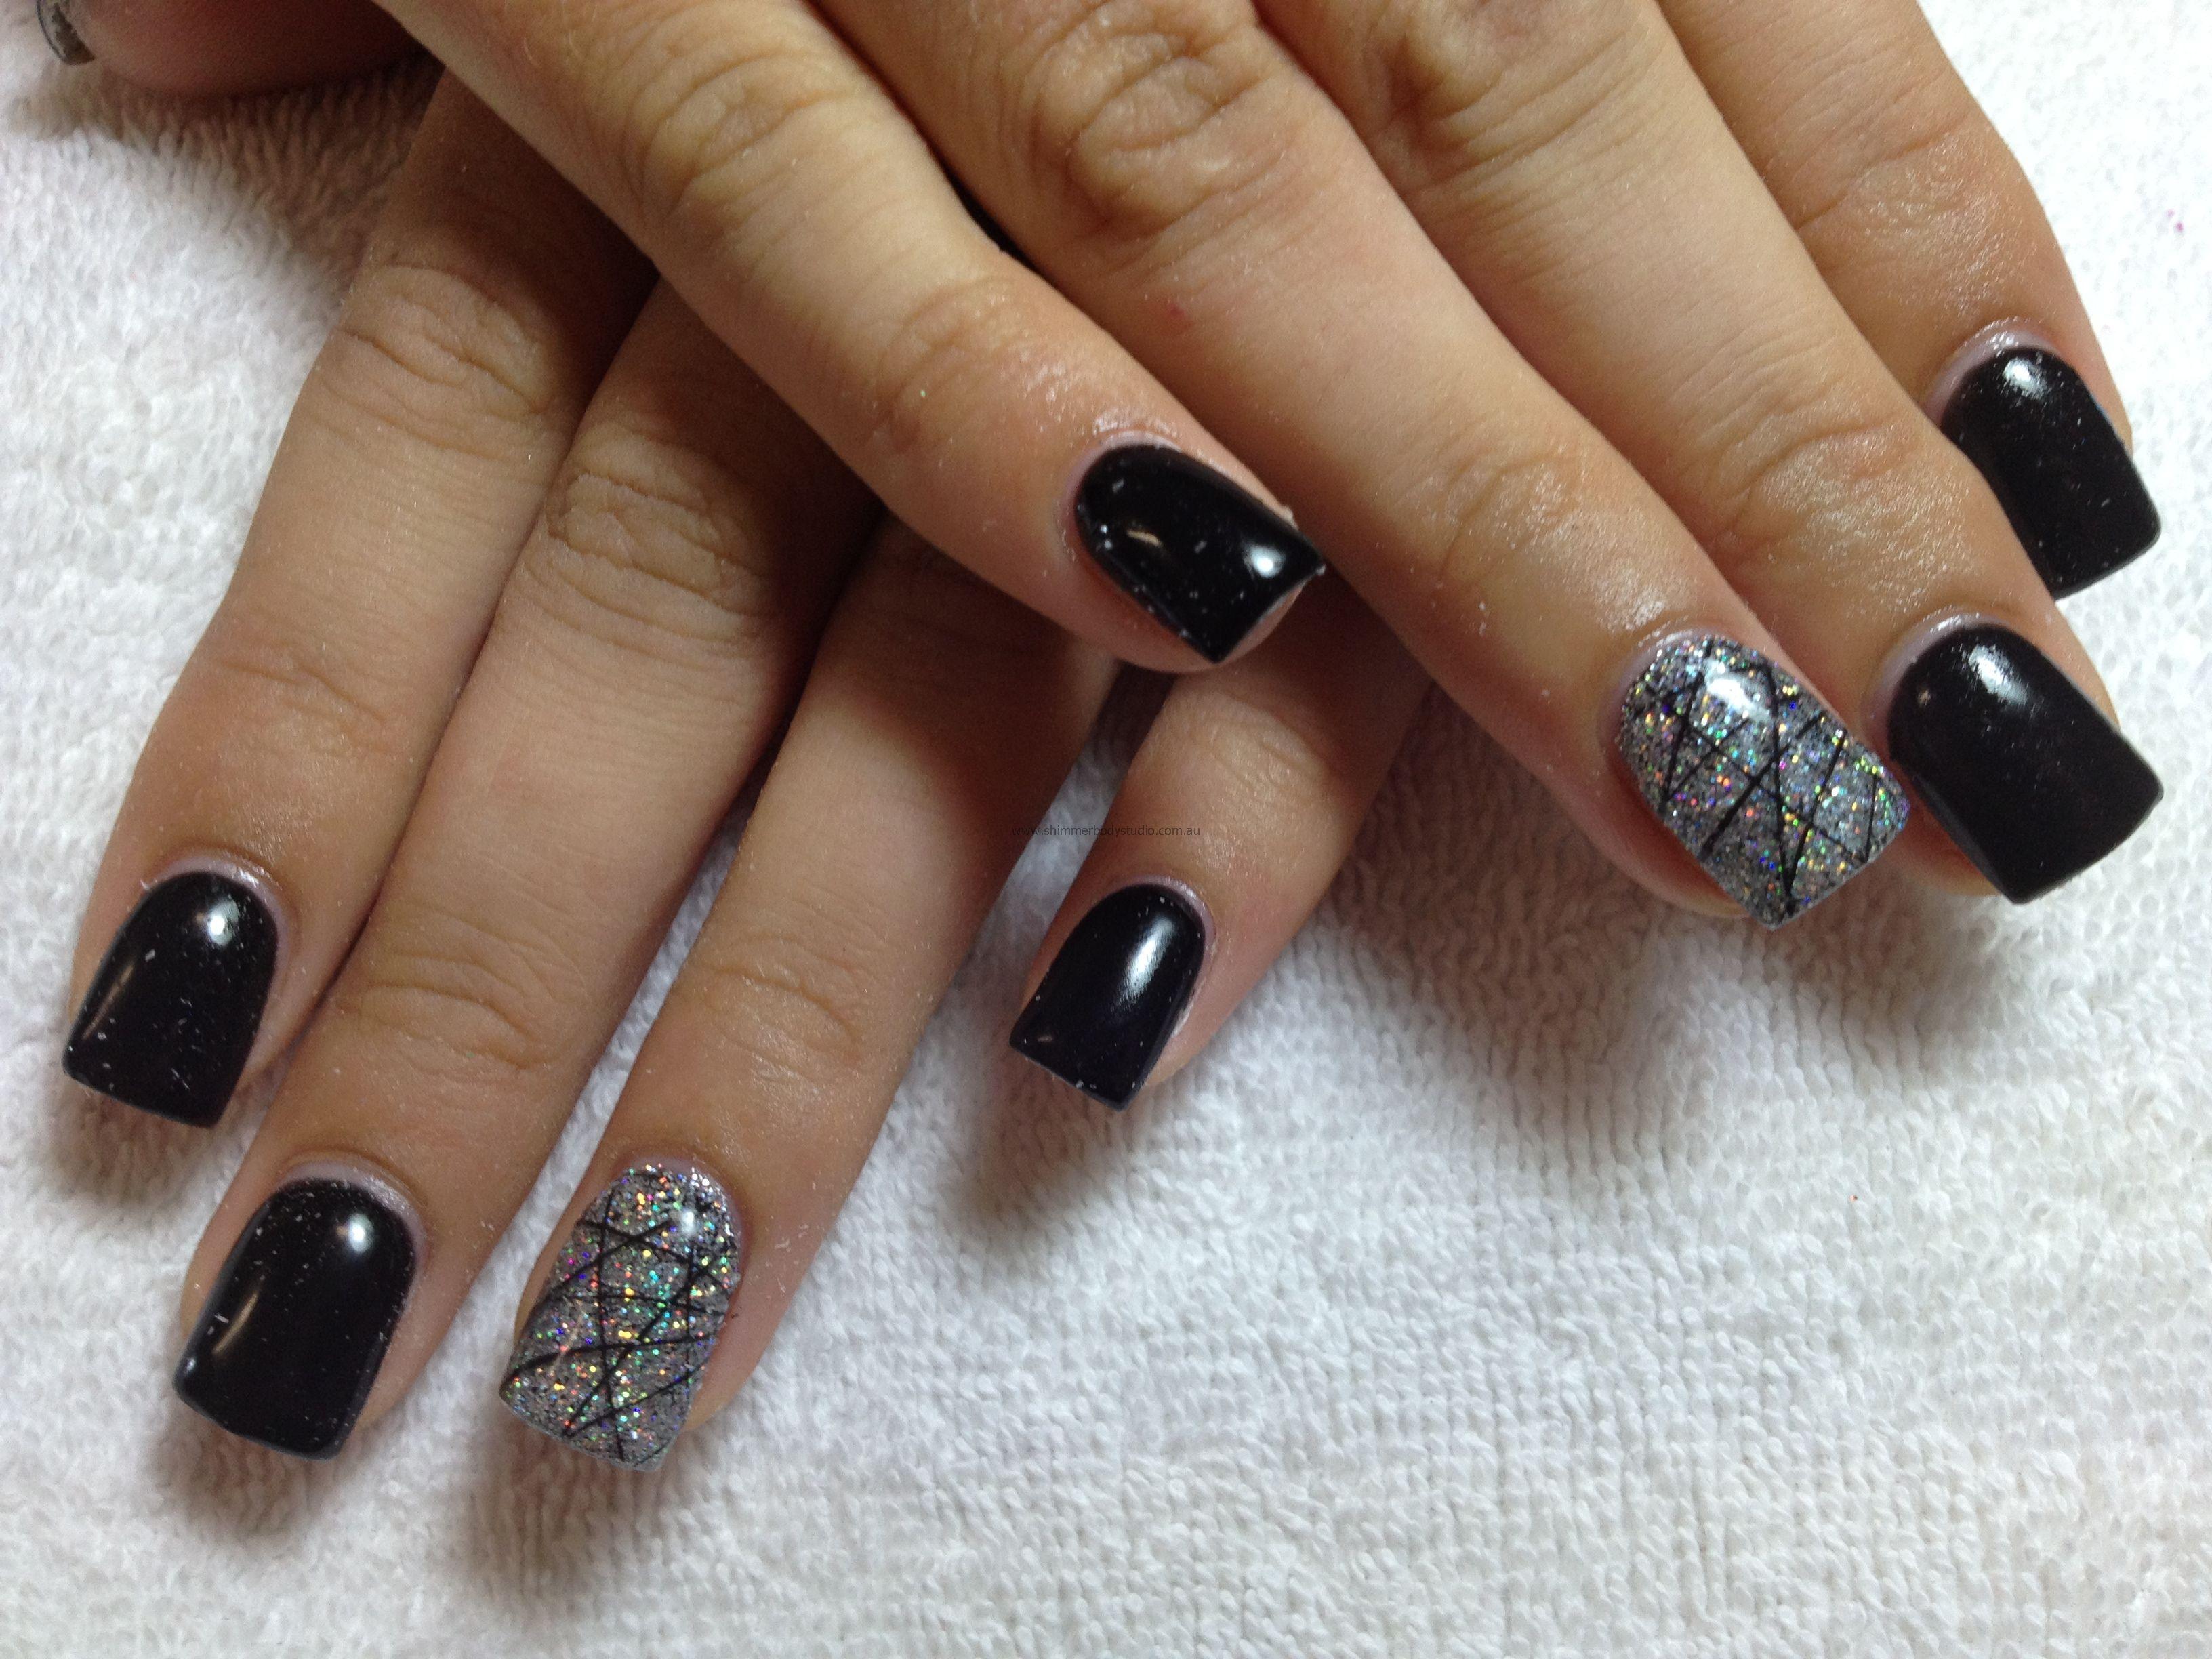 Nails inc gel nail colors and gel nail polish on pinterest - Gel Nails Black Nails Glitter Nails Konad Stamping Nail Art